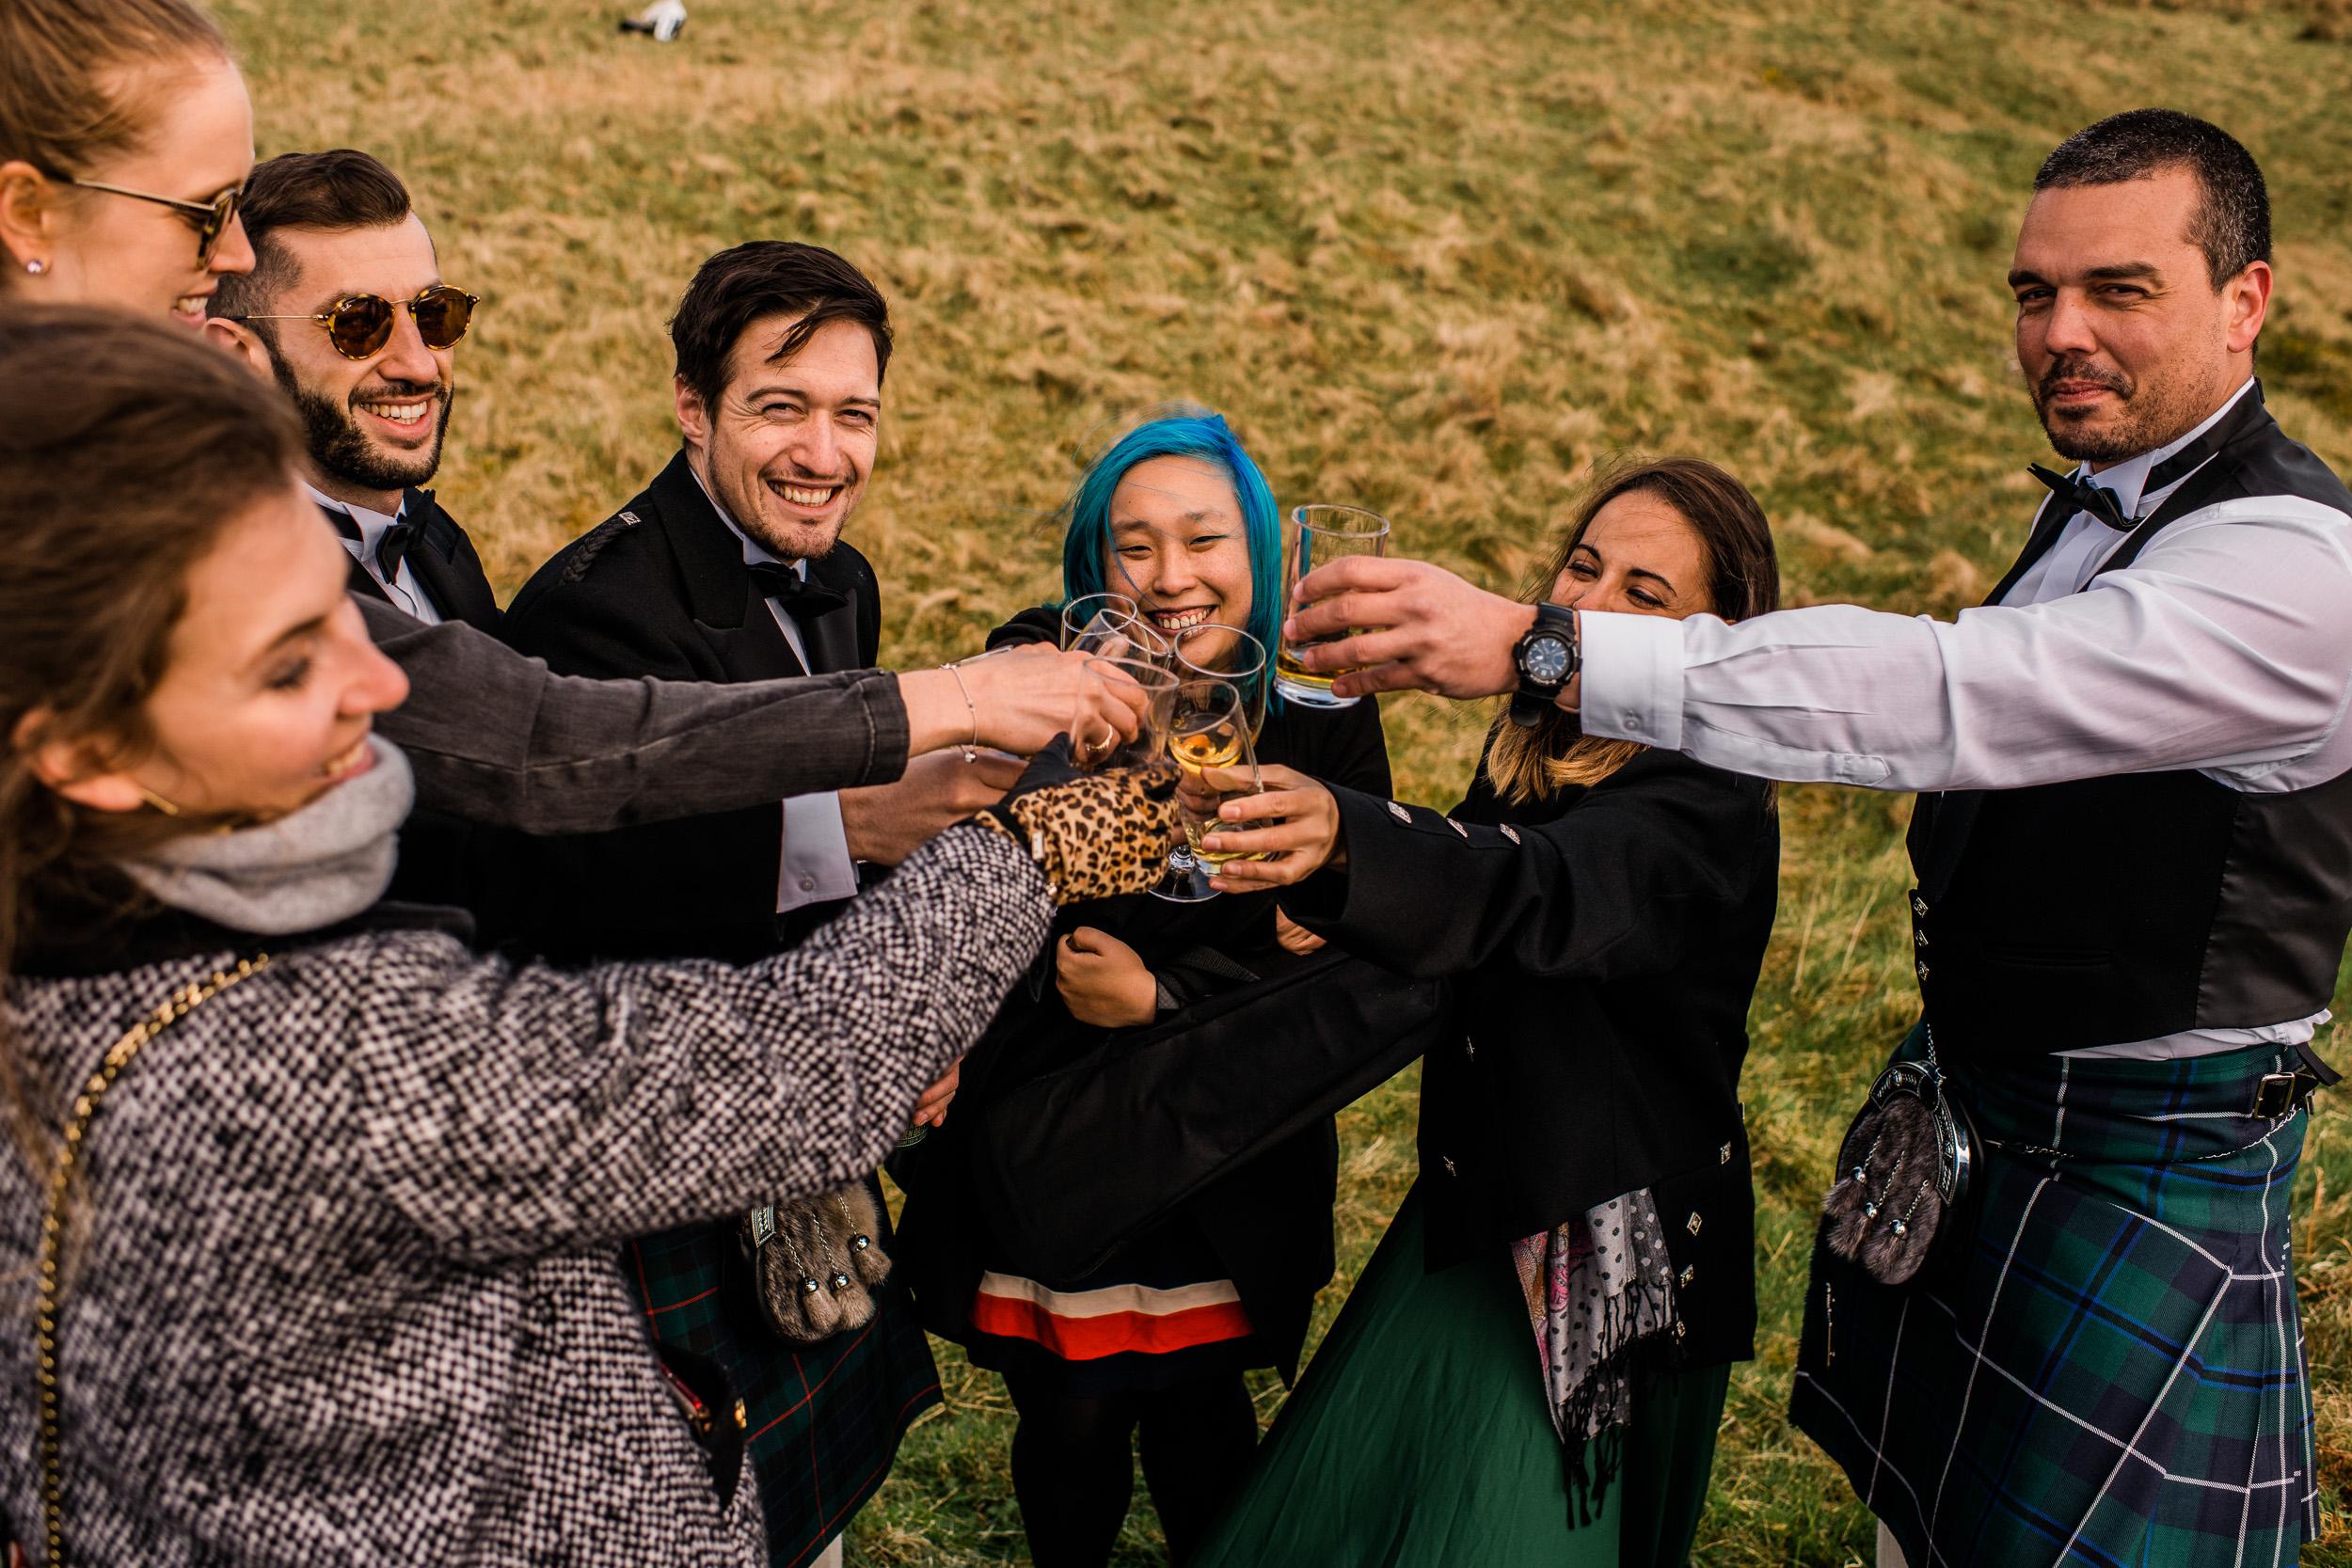 Wedding toast elopement